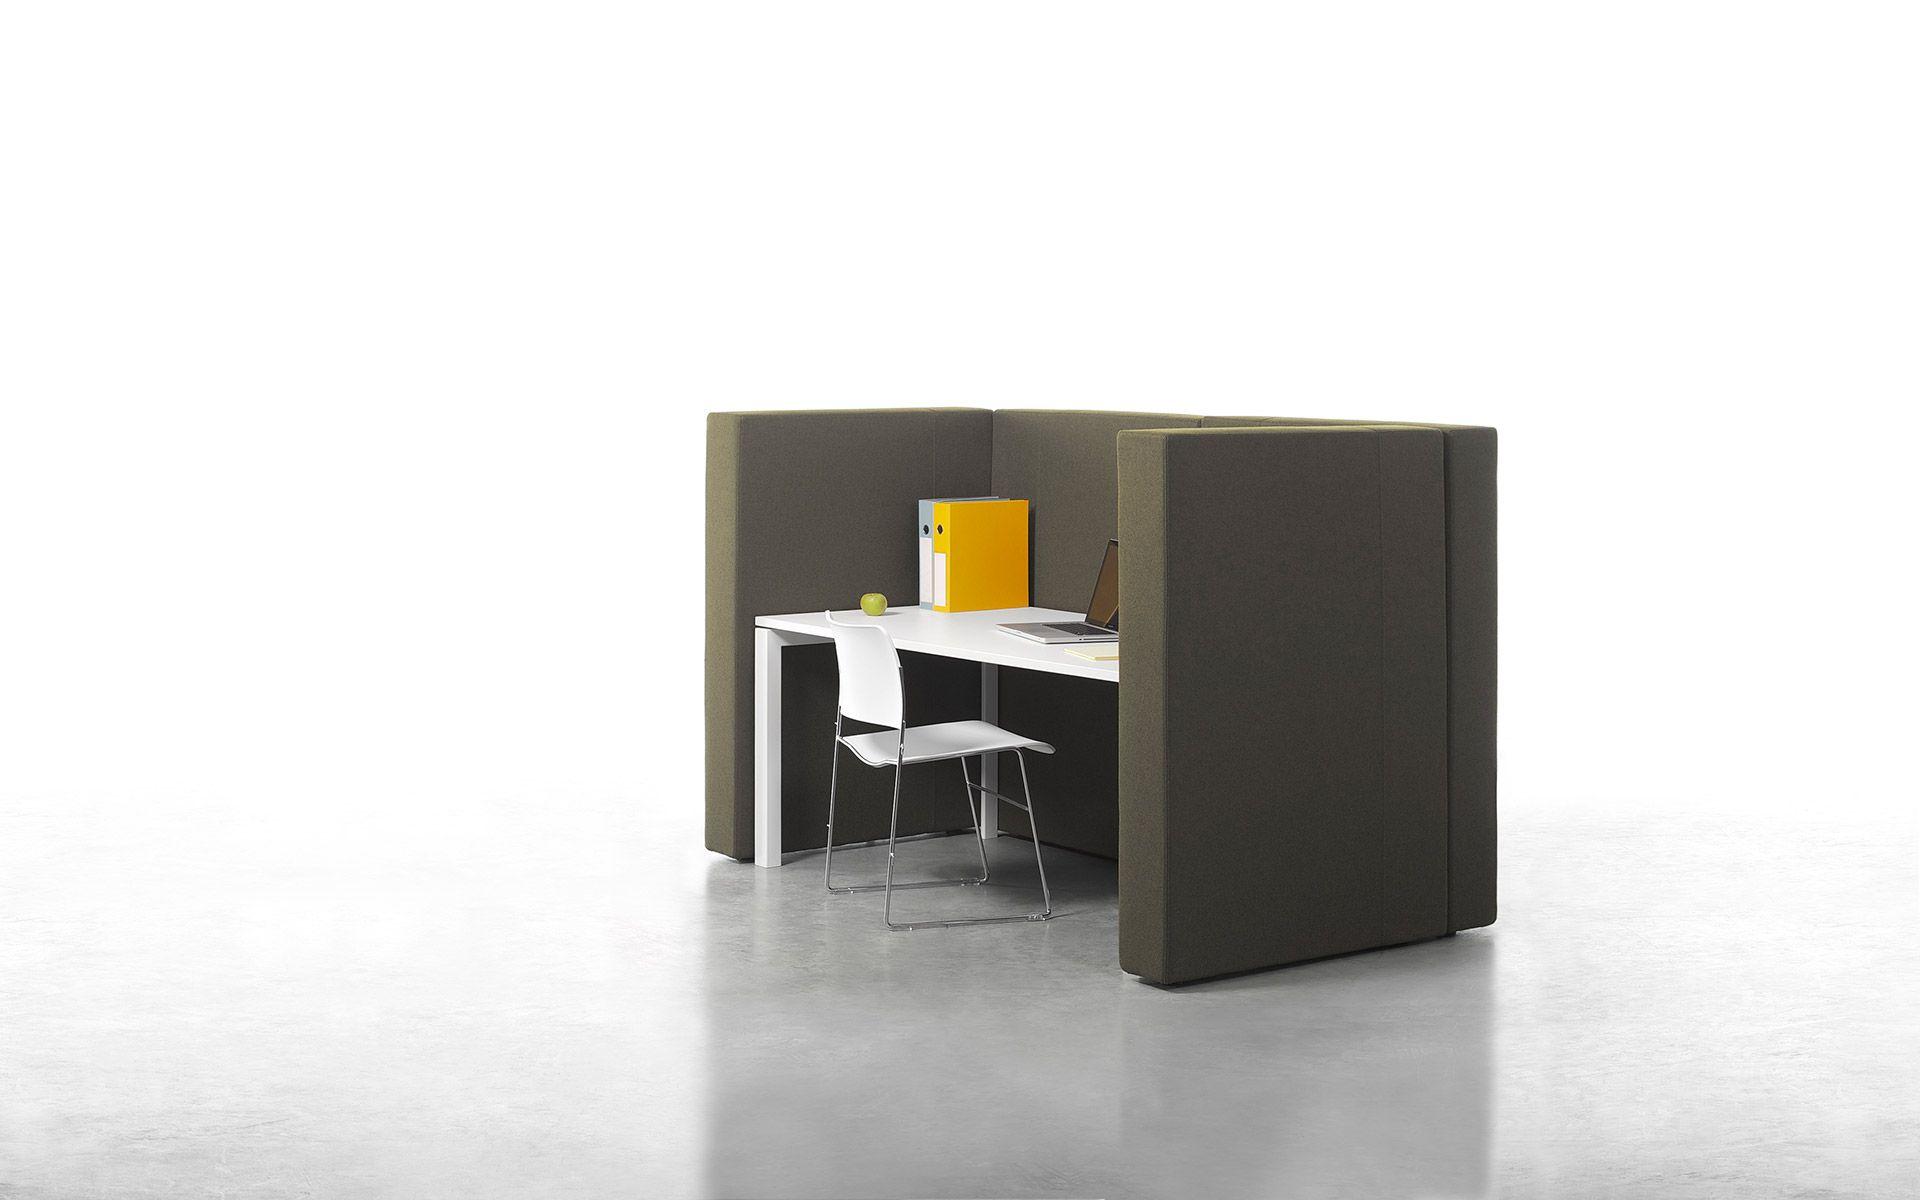 panneau de s paration acoustique modulable pour espace de travail. Black Bedroom Furniture Sets. Home Design Ideas